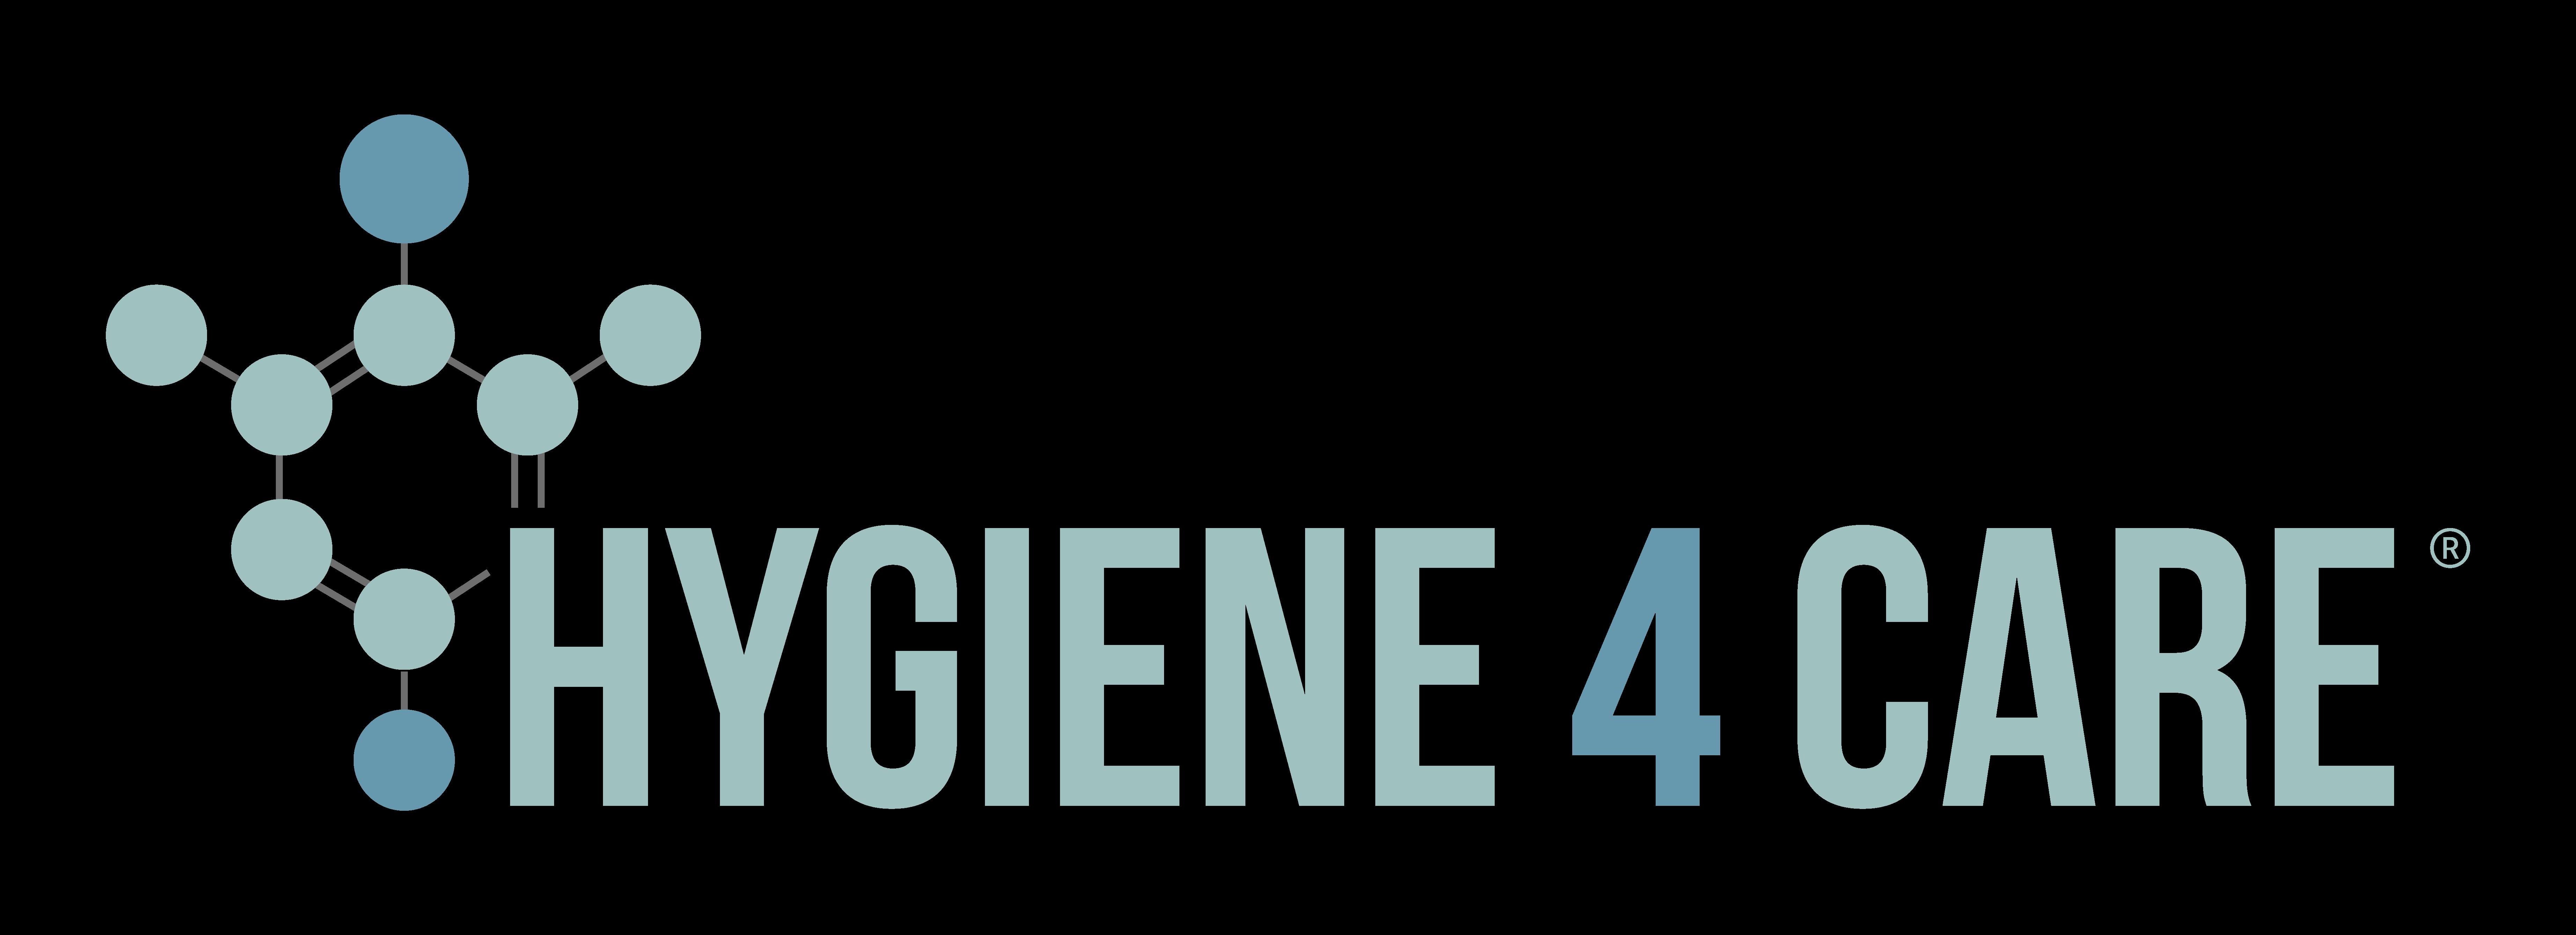 logo-h4c-orizzontale